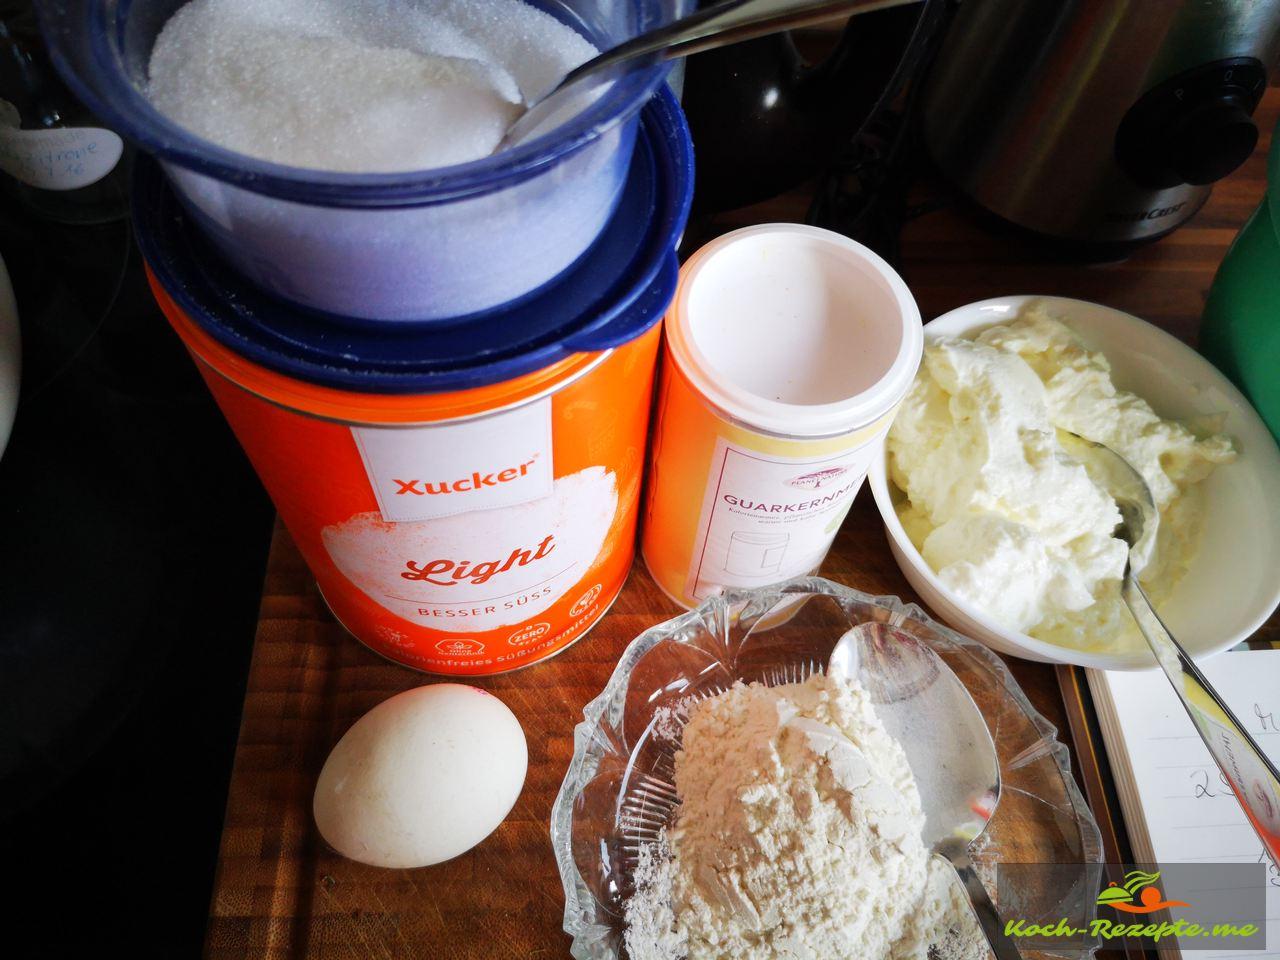 Der Knödelteig wird aus Magerquark, Mandelmehl und Guarkernmehl, Ei, Xucker und Aprikosen hergestellt.